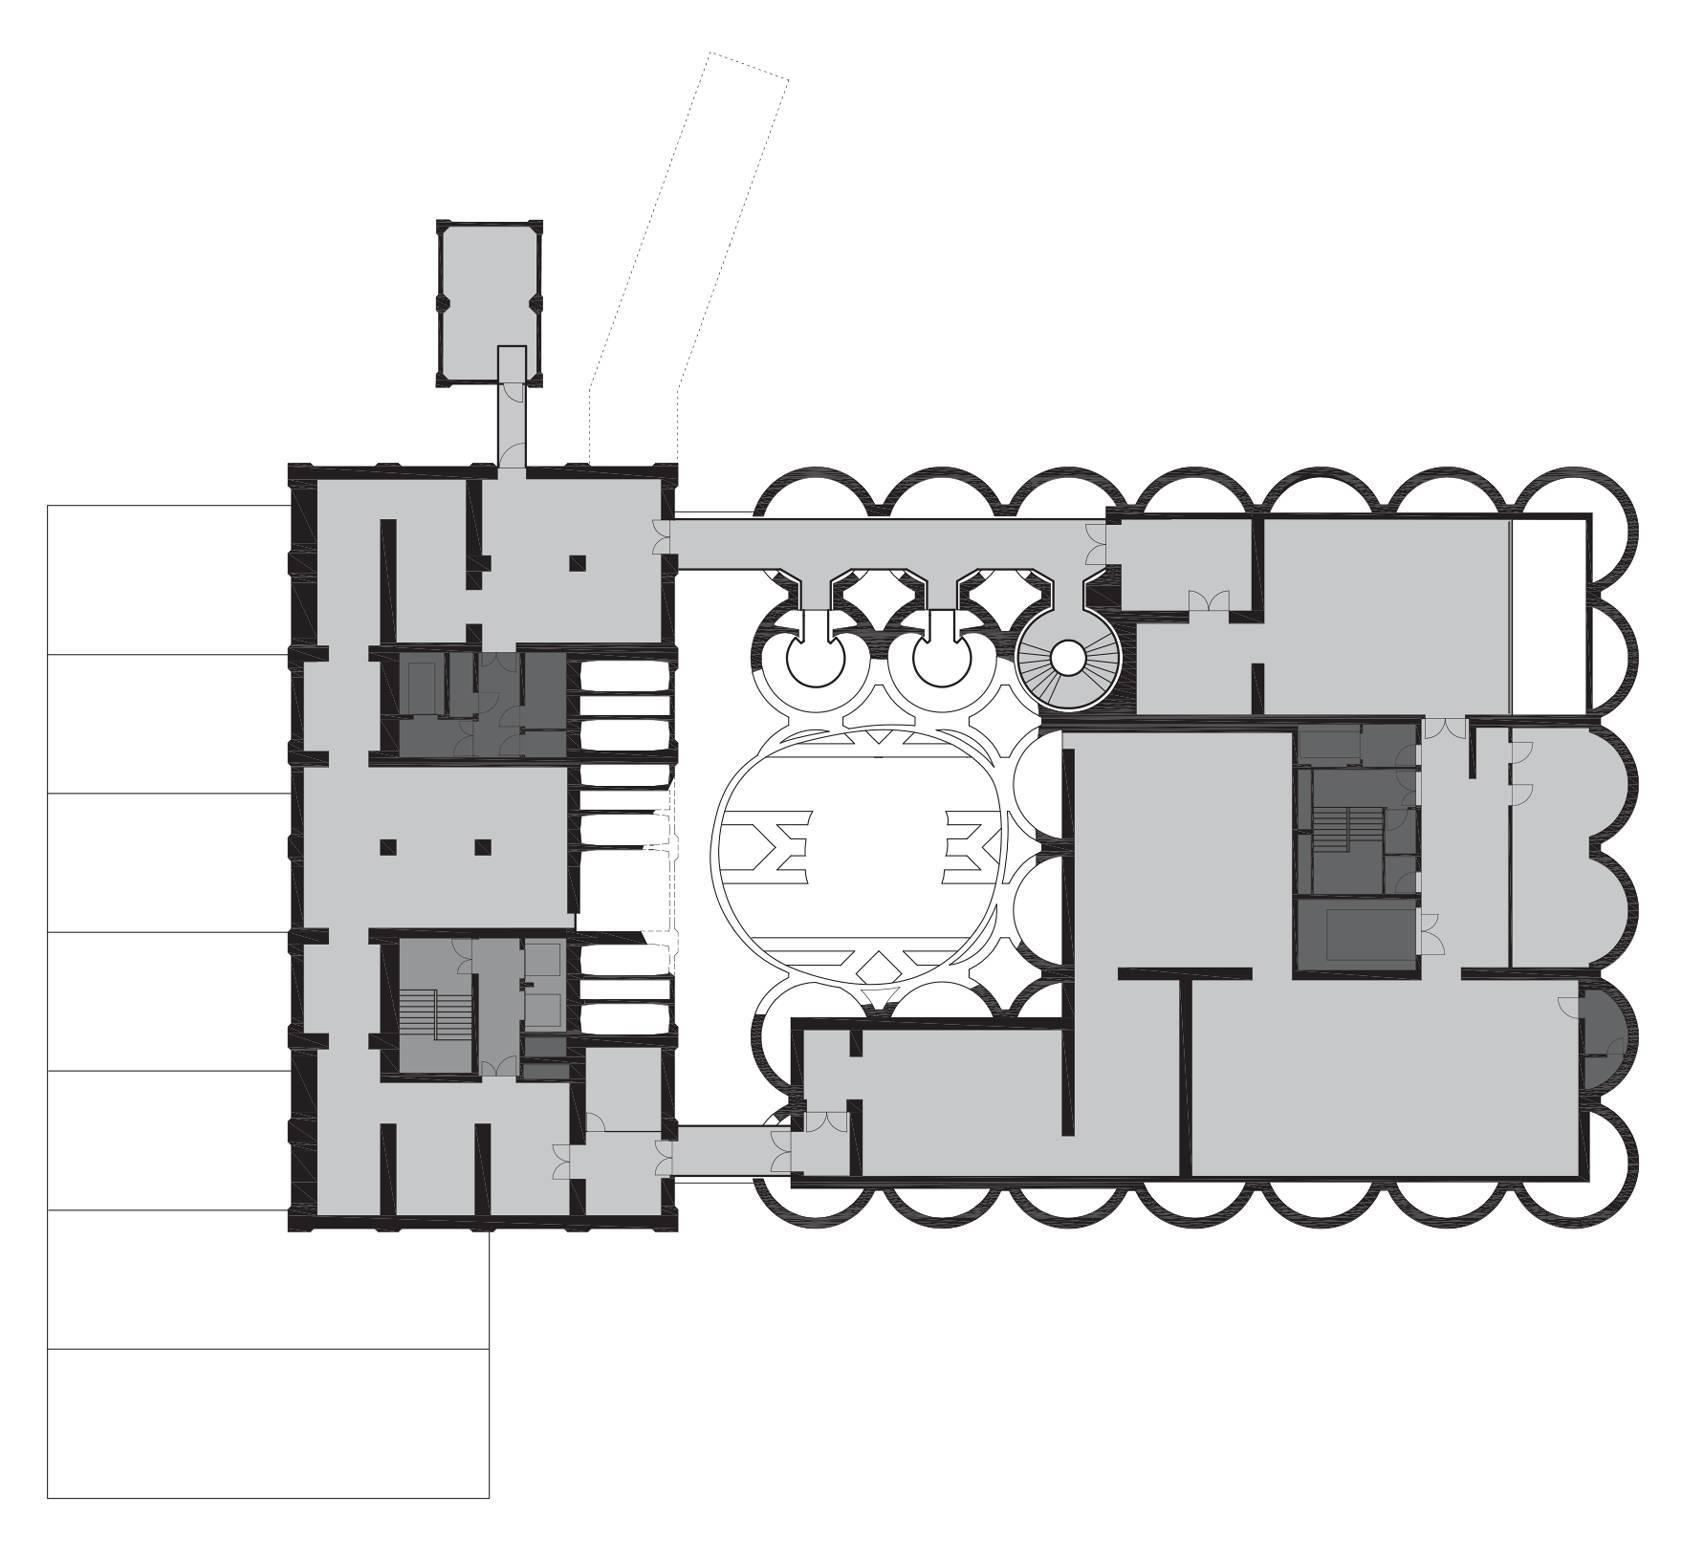 三楼平面图